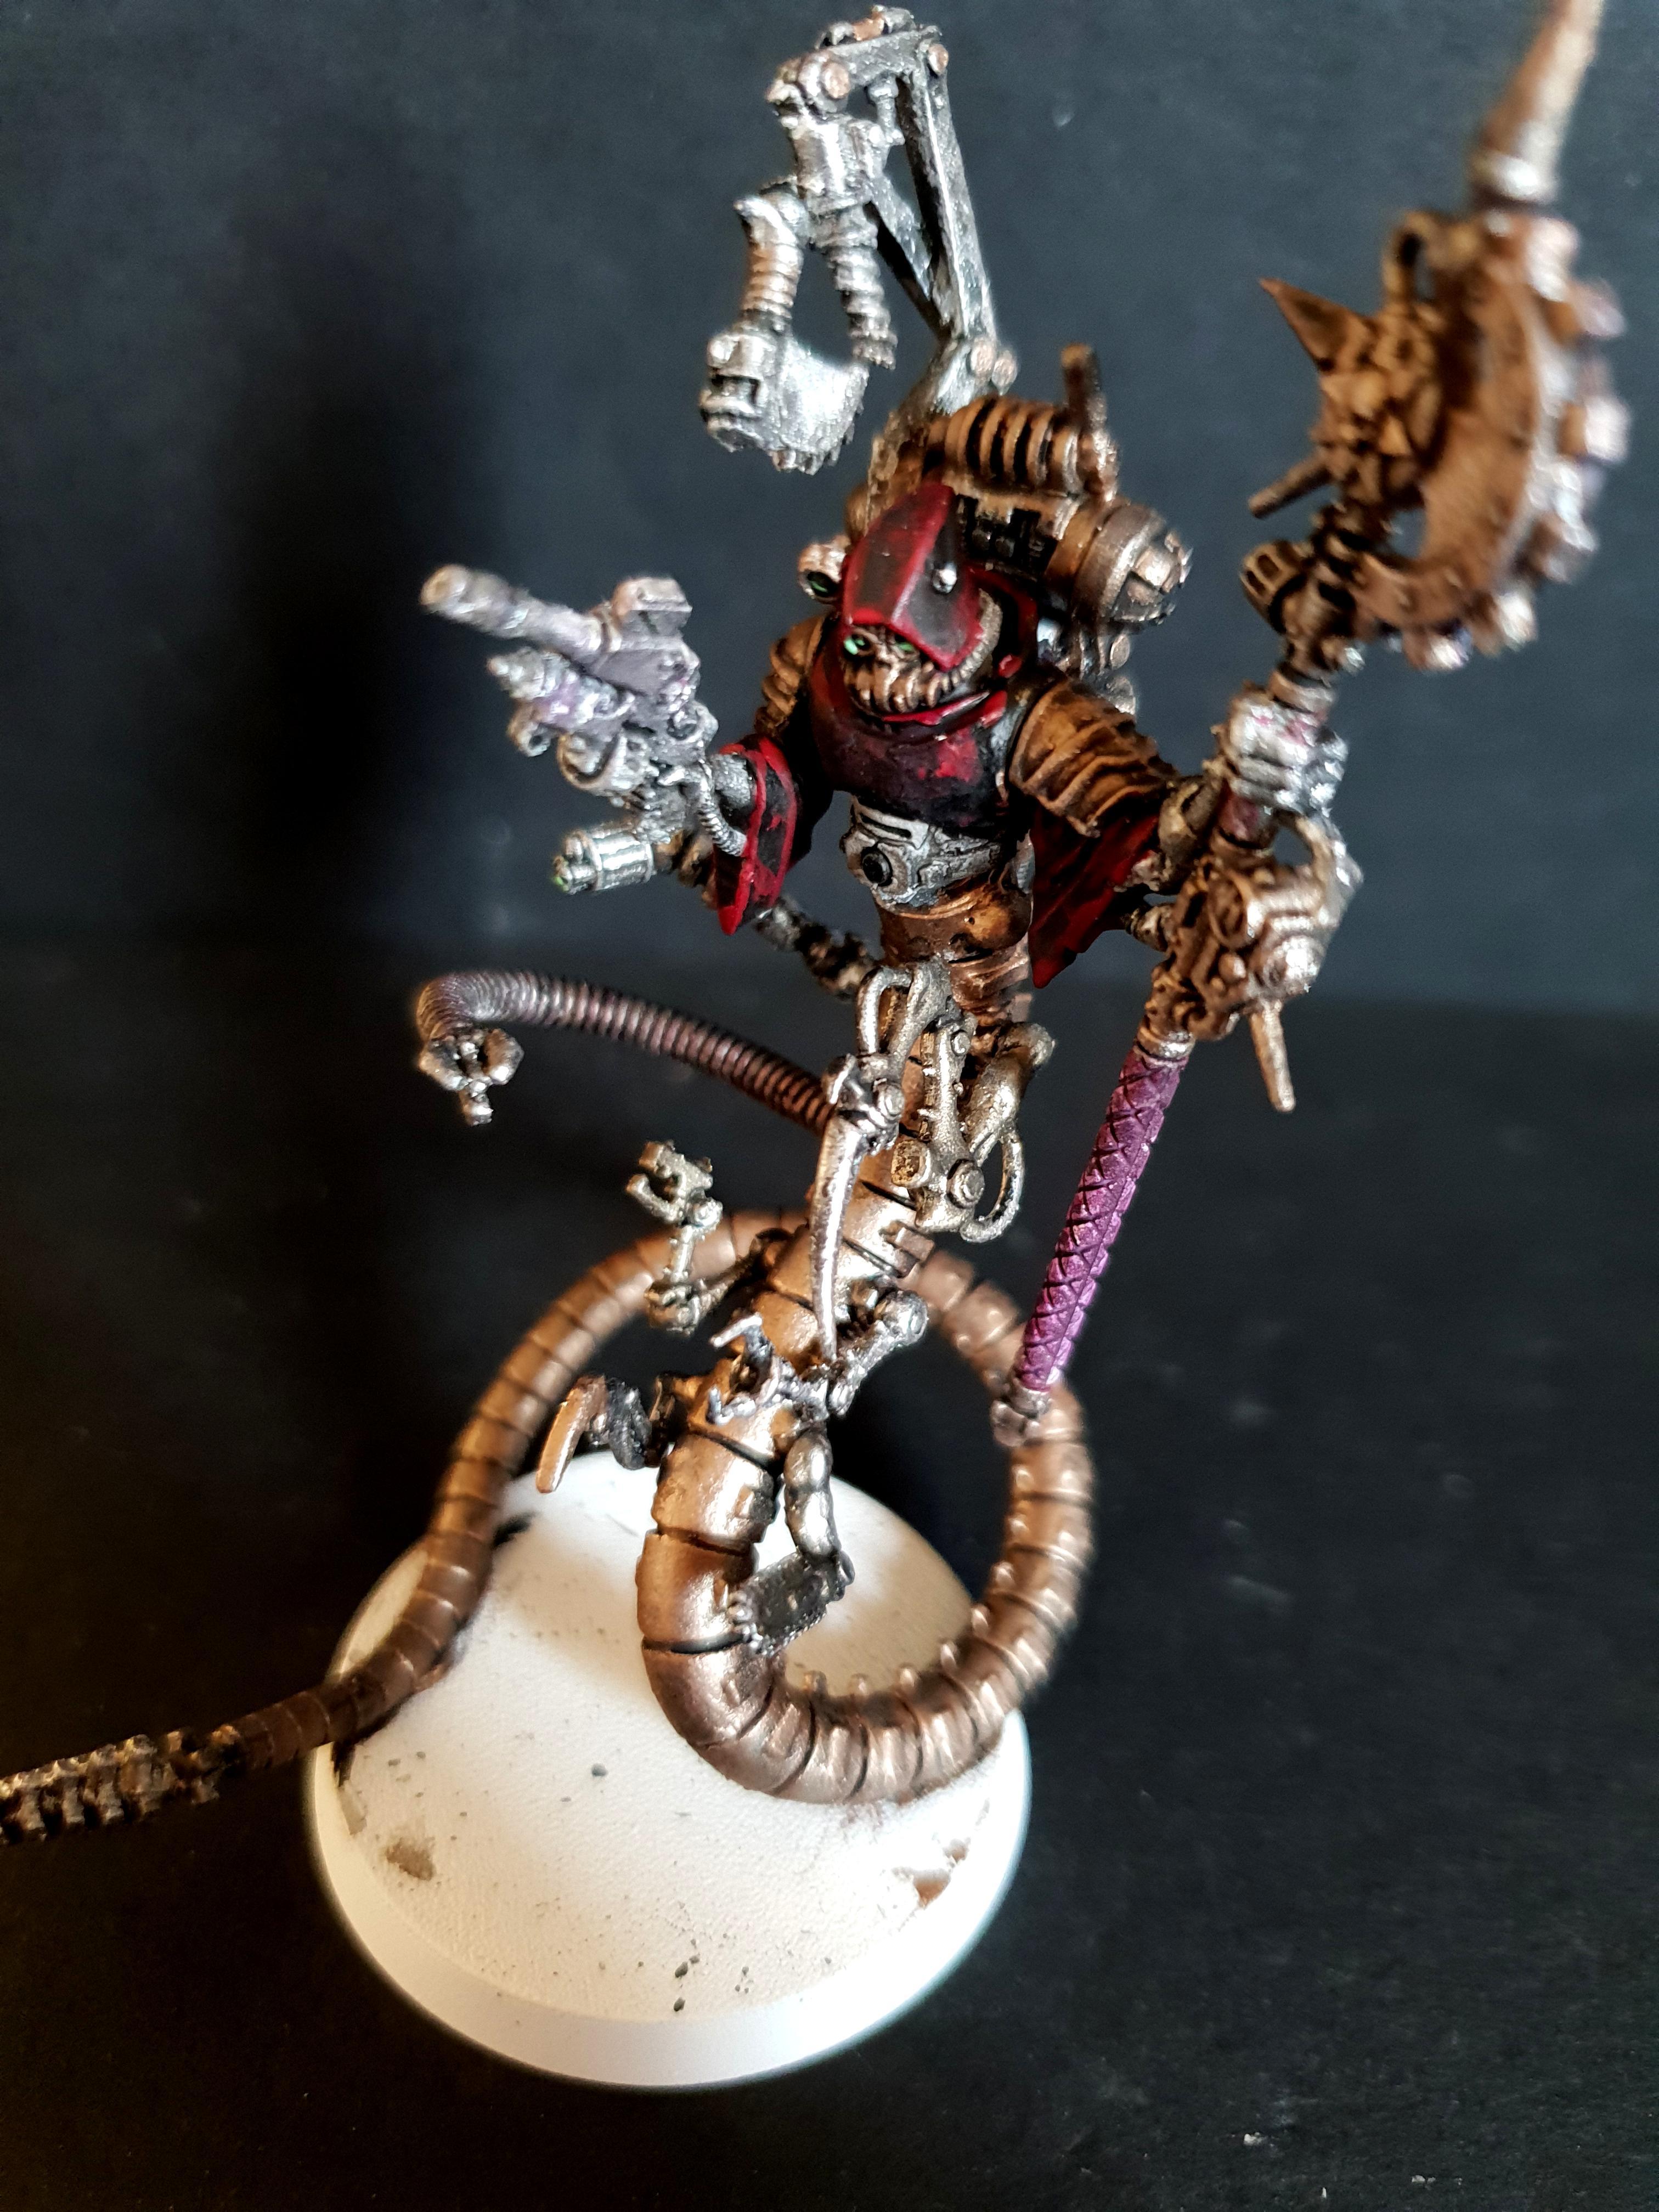 Chaos, Conversion, Magos, Mechanicus, Pip, Serpentine, Warhammer 40,000, Work In Progress